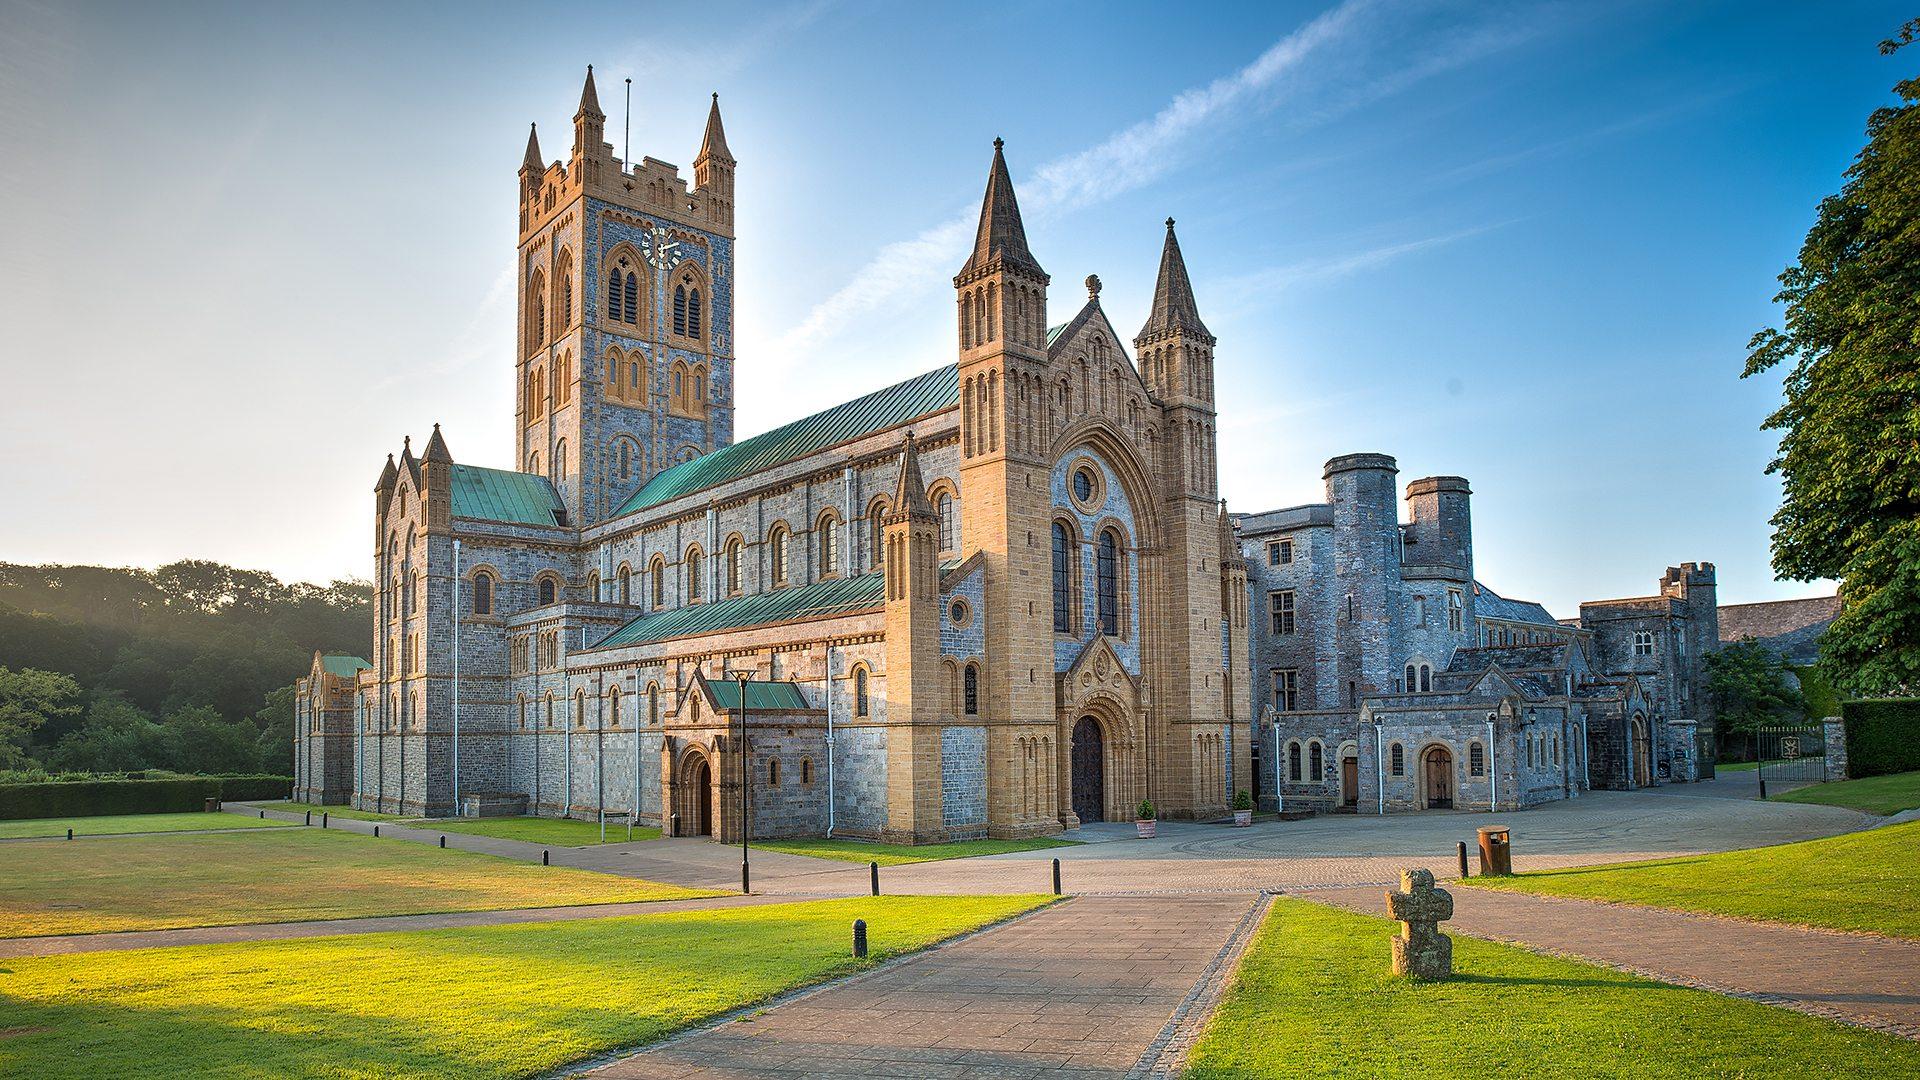 magnificent-buckfast-abbey-in-devon-trade-xl-limited-westland-supply-chain-management